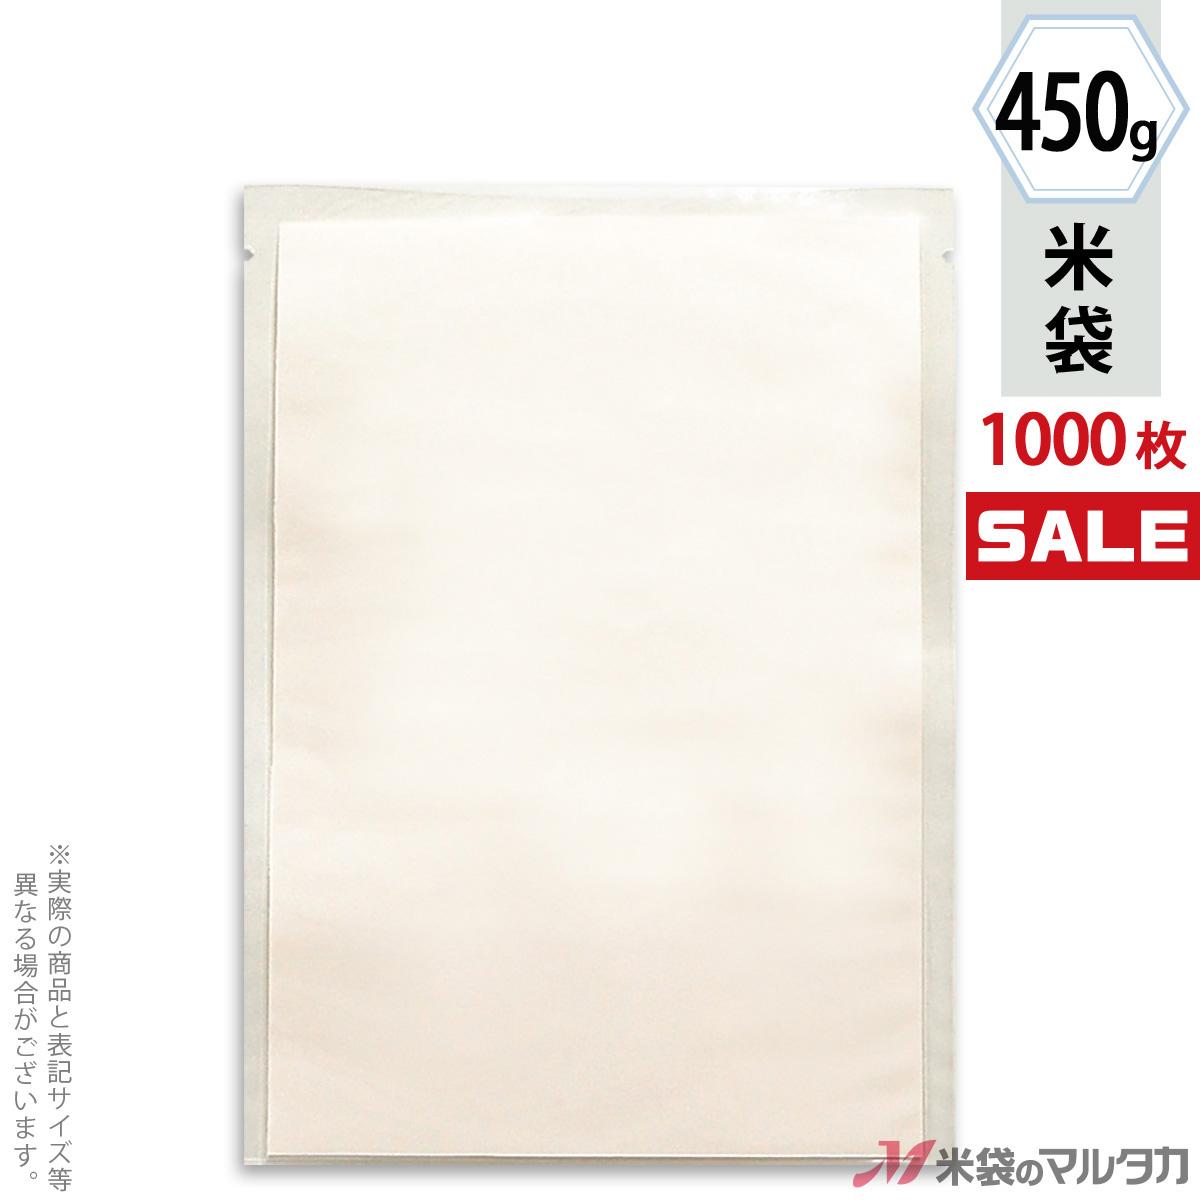 <キャンペーン対応>米袋 ラミ 少量パック 無地 透明 450g用(3合) 1ケース(1000枚入) T-02000